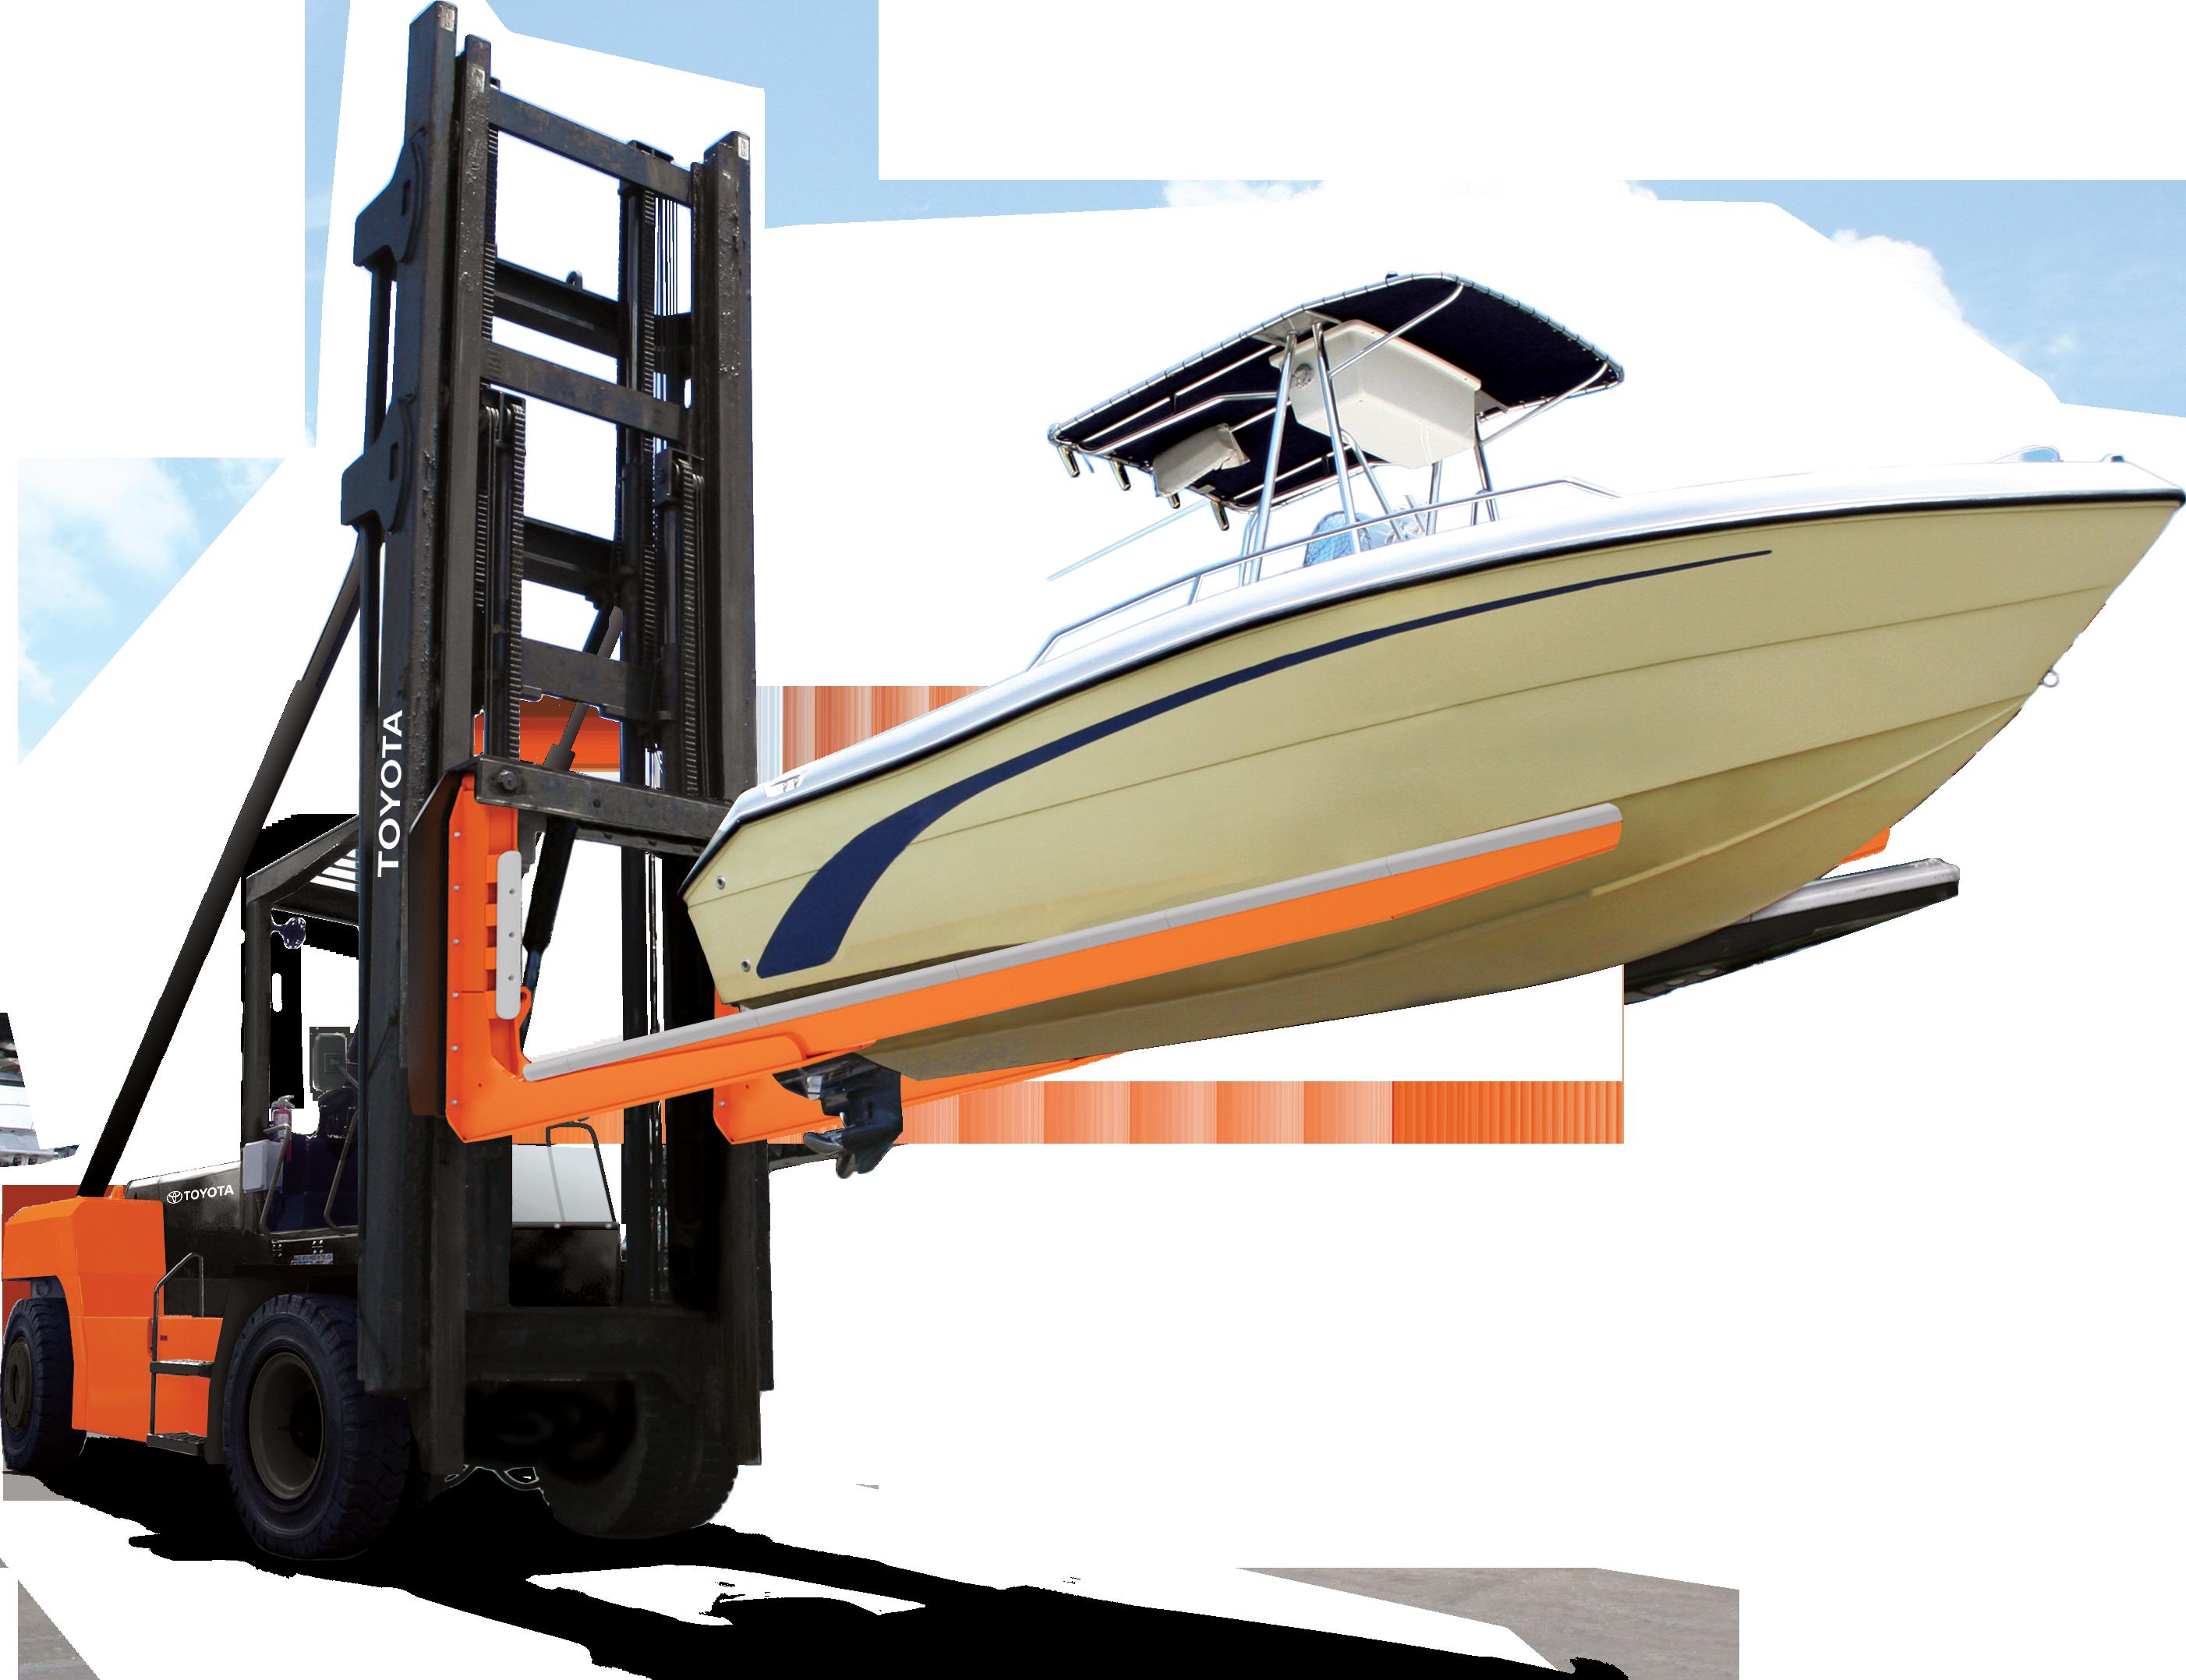 High Capacity Marina Forklift Lifting a Boat